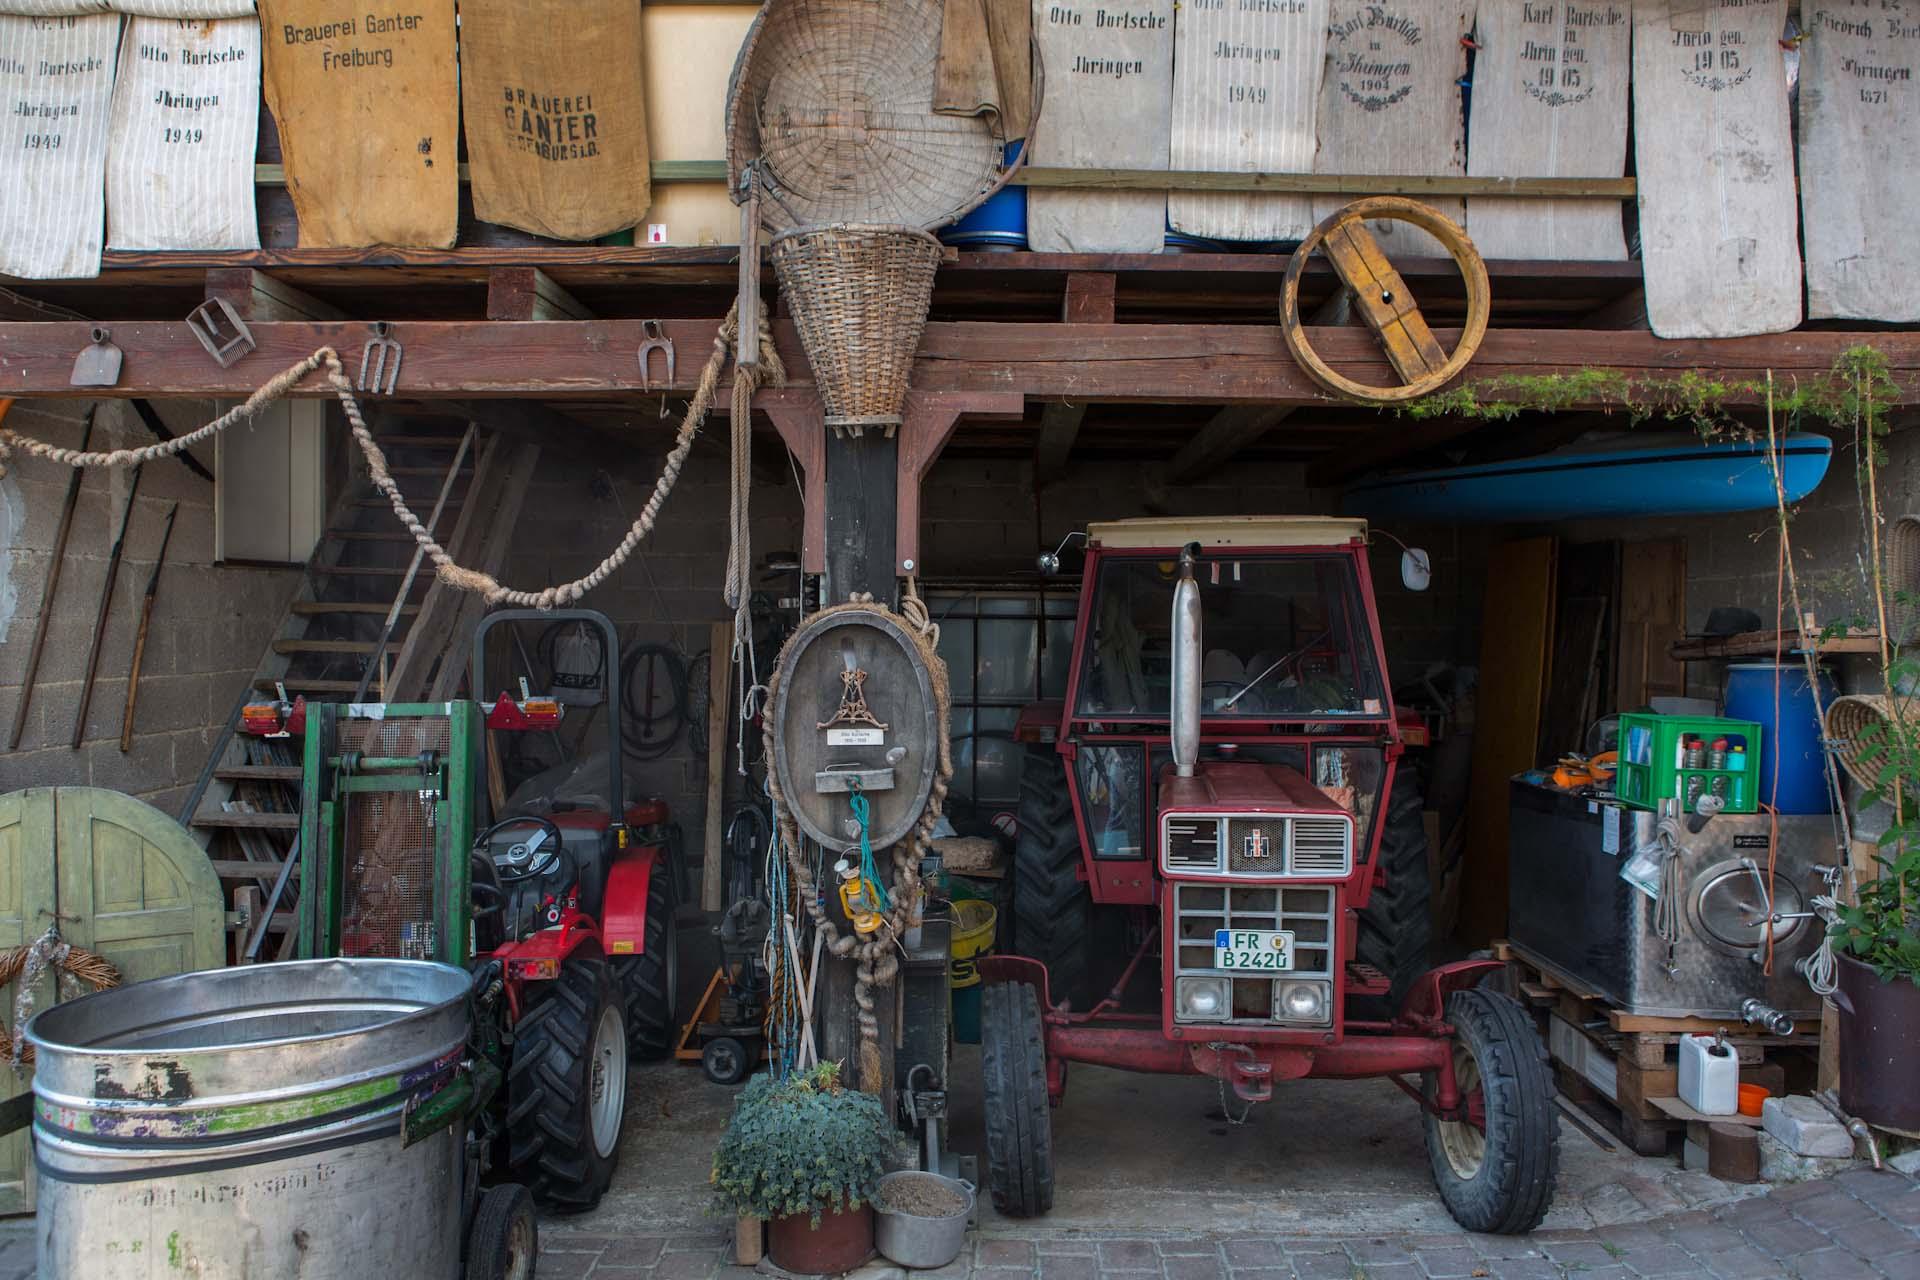 """""""Das große Tor sieht aus wie ein Fass. Wer die Breisachers besuchen will, muss da durch. Ist es offen, ist das wie eine Einladung, sich den Bauerngarten, der oasenartig an das Haus und die ehemaligen Scheunen und Stallungen grenzt, anzusehen, dabei vorbeigehend an altem Winzerwerkzeug, Fuhrwerken, Pferdegeschirren, Fässern und allerhand andere Dekoration. Wo ein Hohlraum entsteht, wird er begrünt, Schuhe oder kaputte Tonschalen auch."""""""